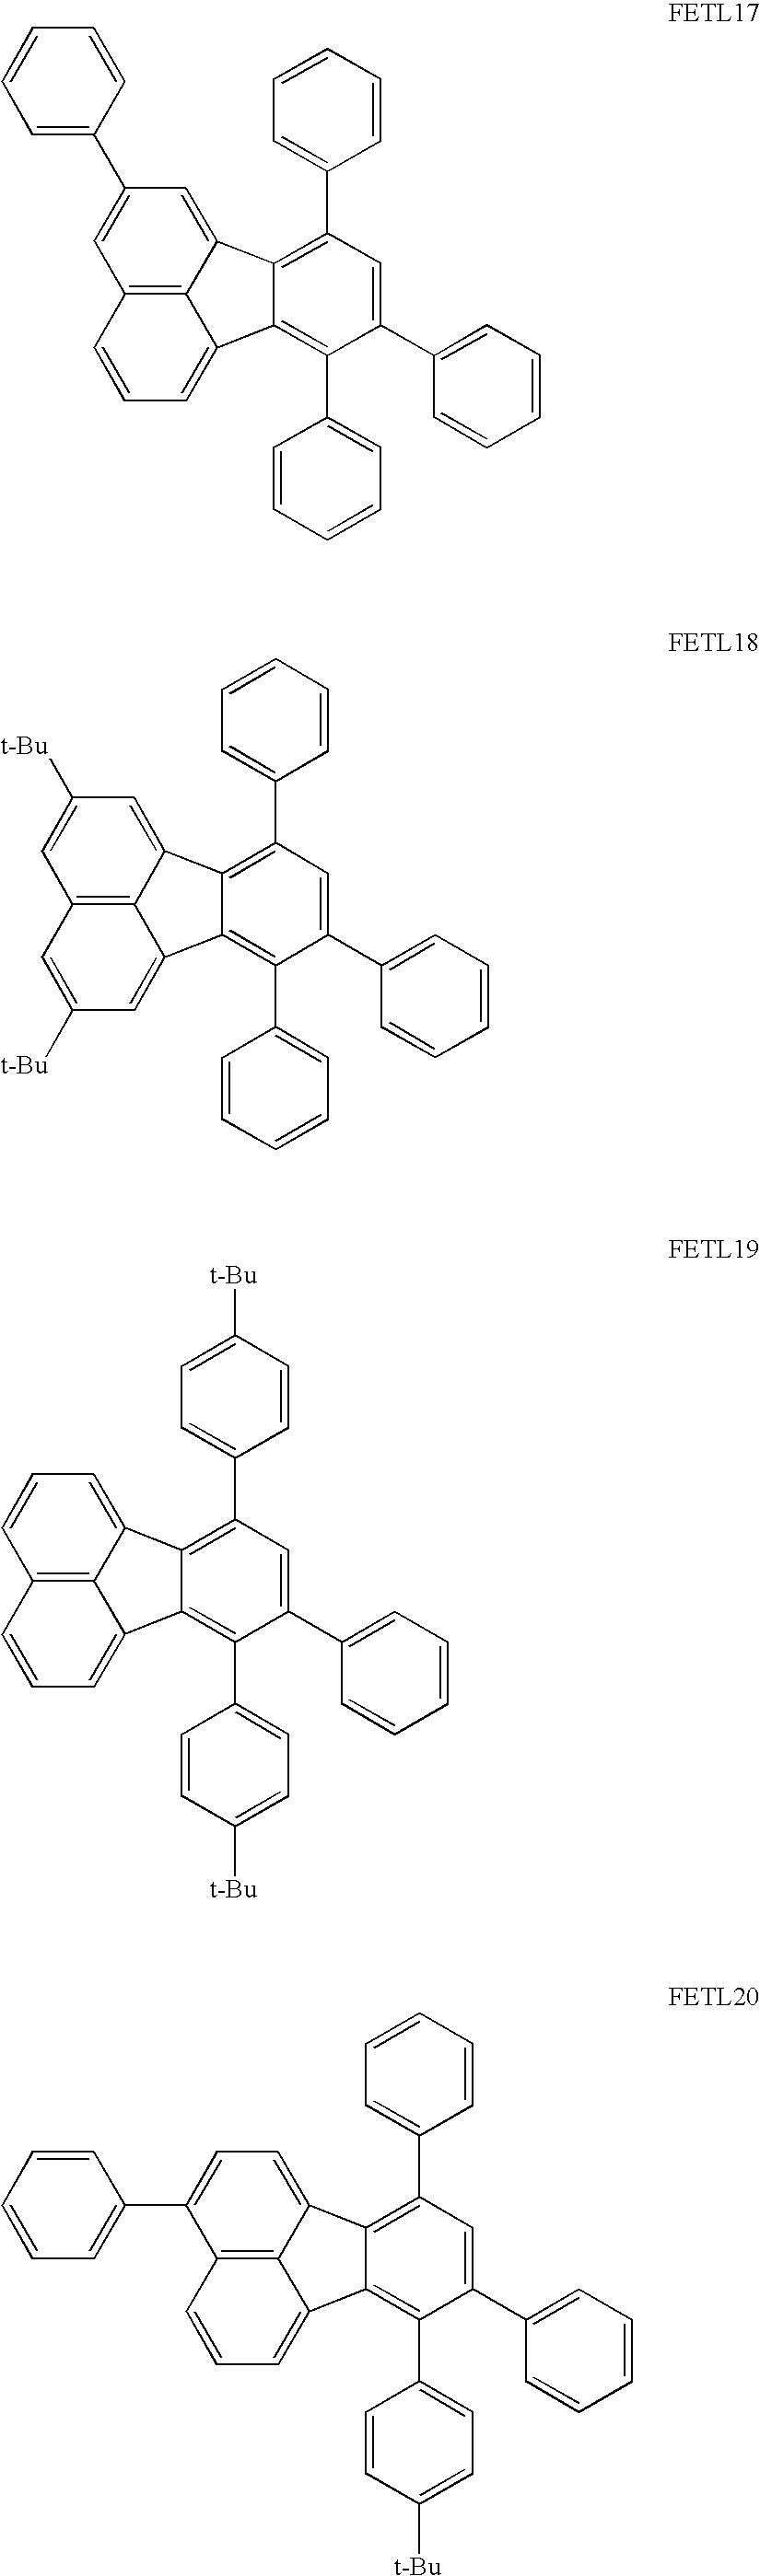 Figure US20090162612A1-20090625-C00028